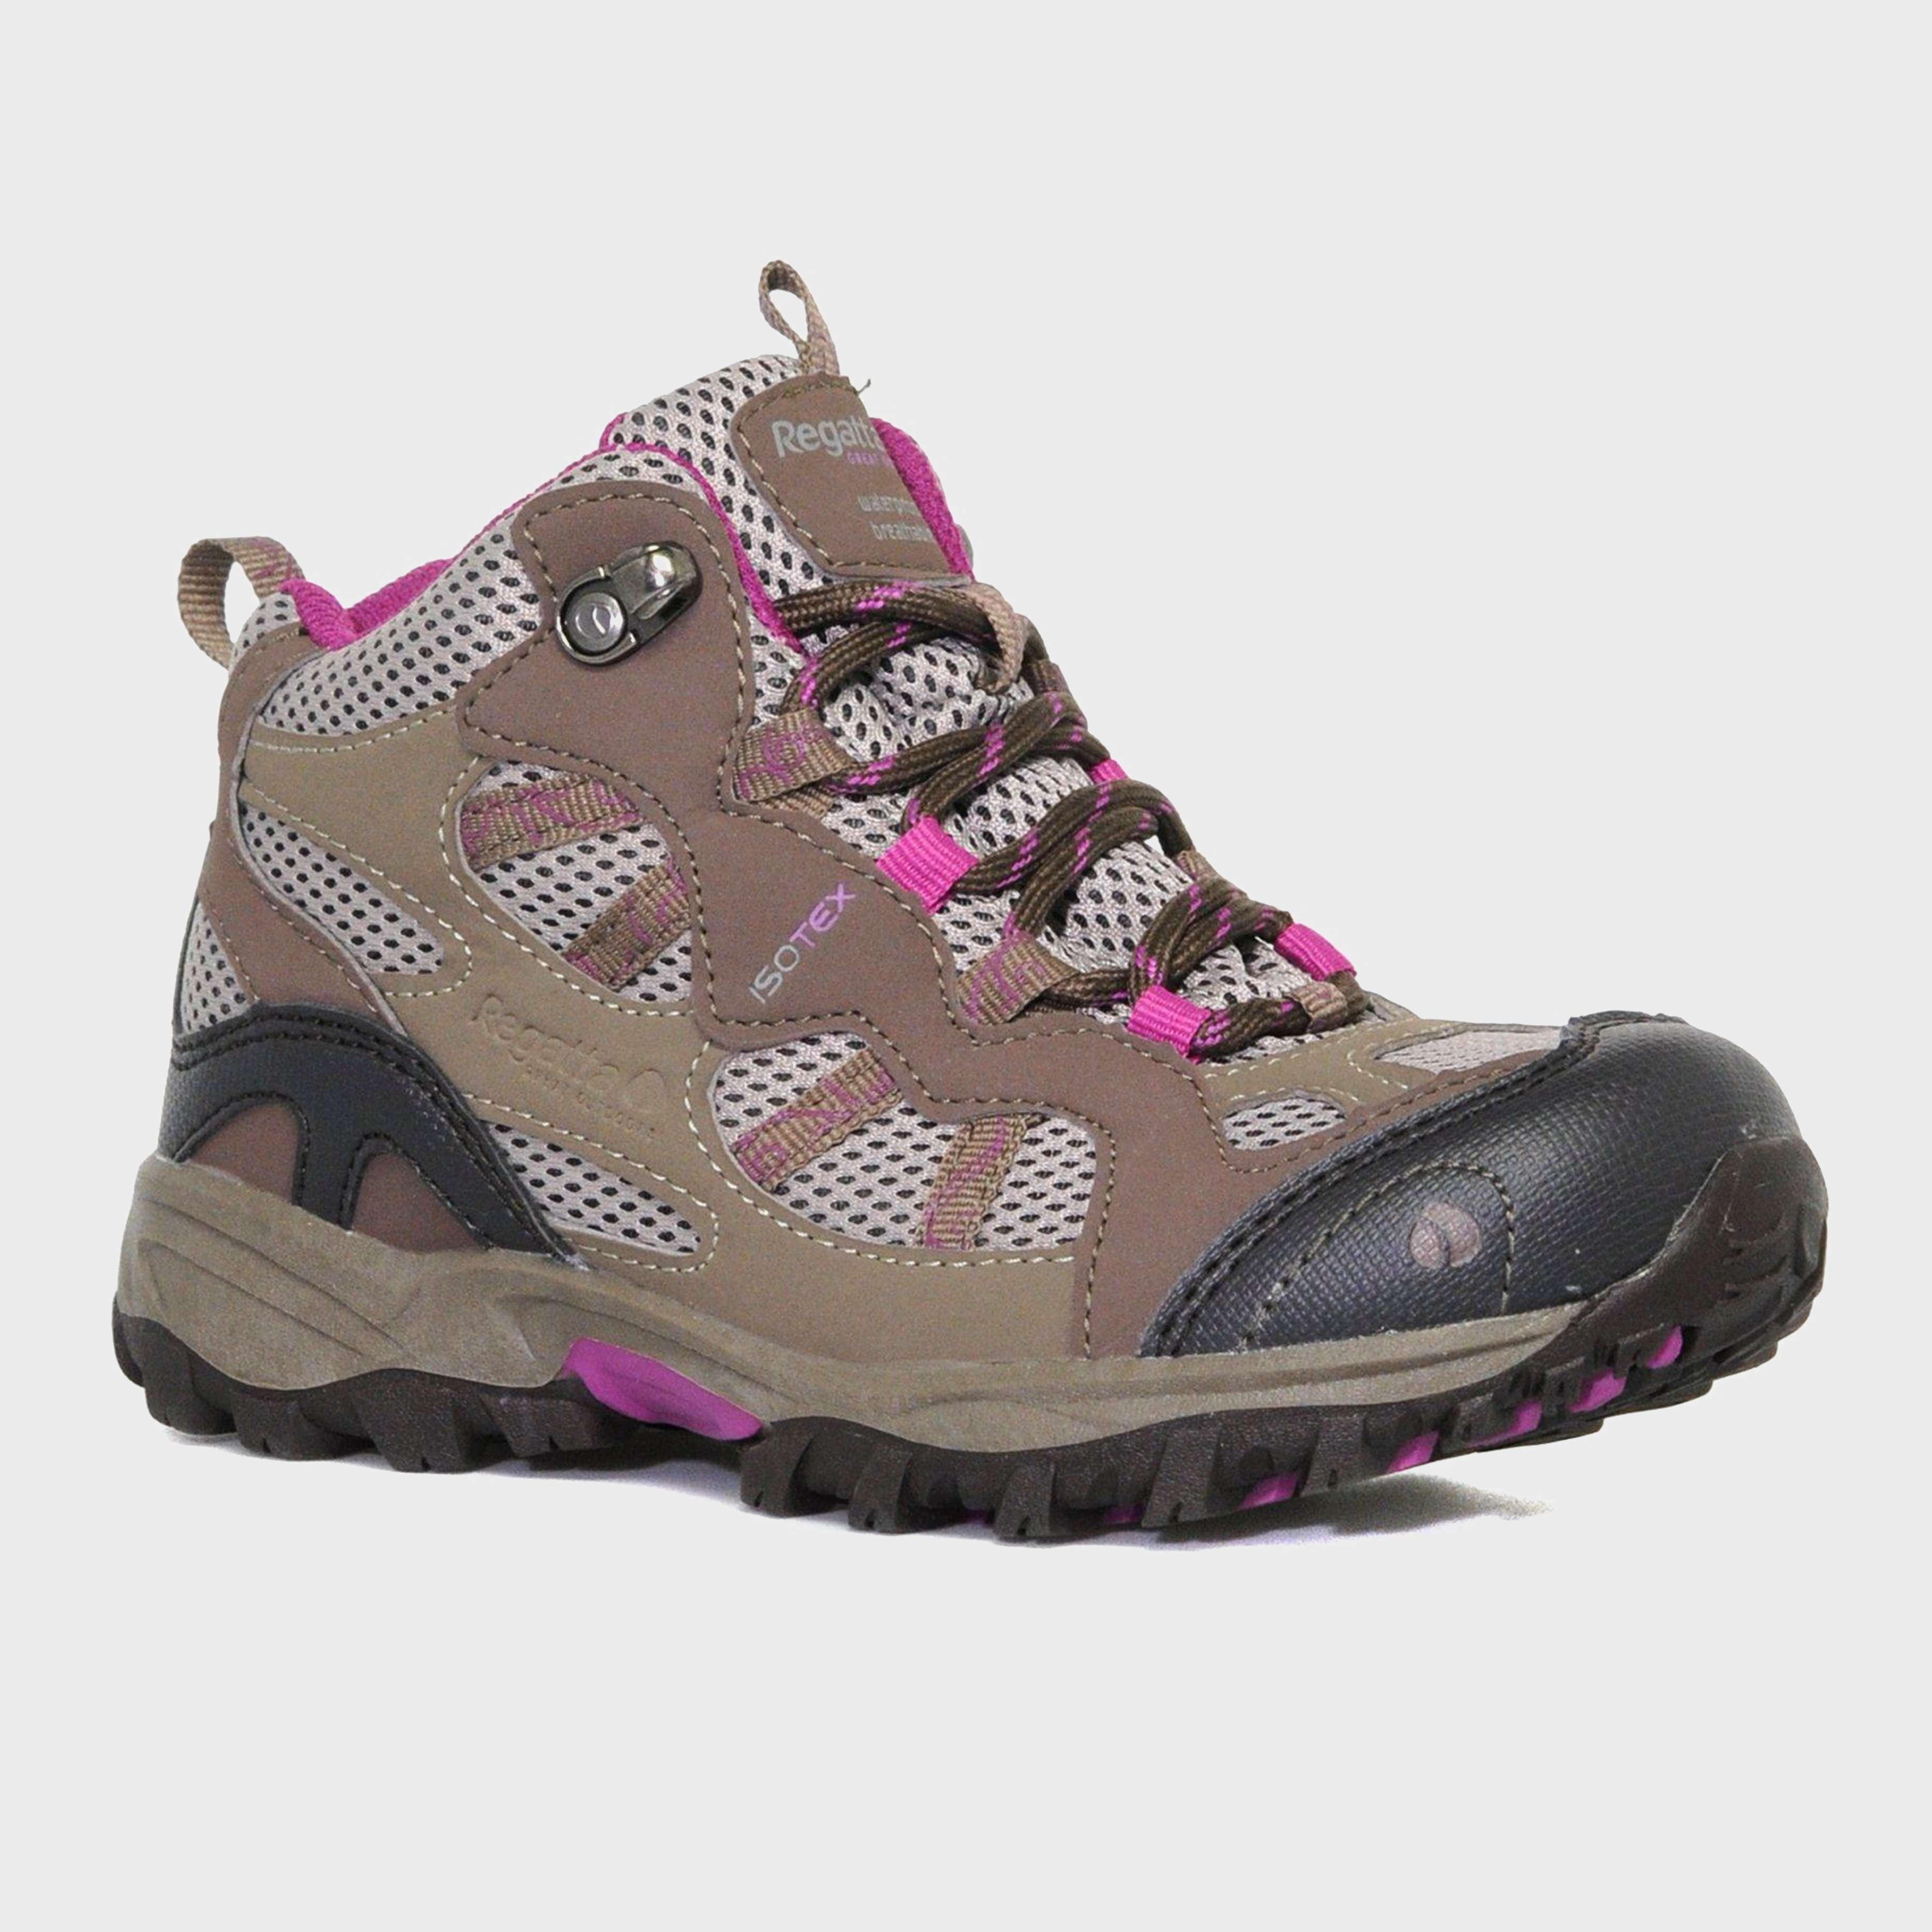 REGATTA Kids' Crossland Mid Waterproof Walking Boot